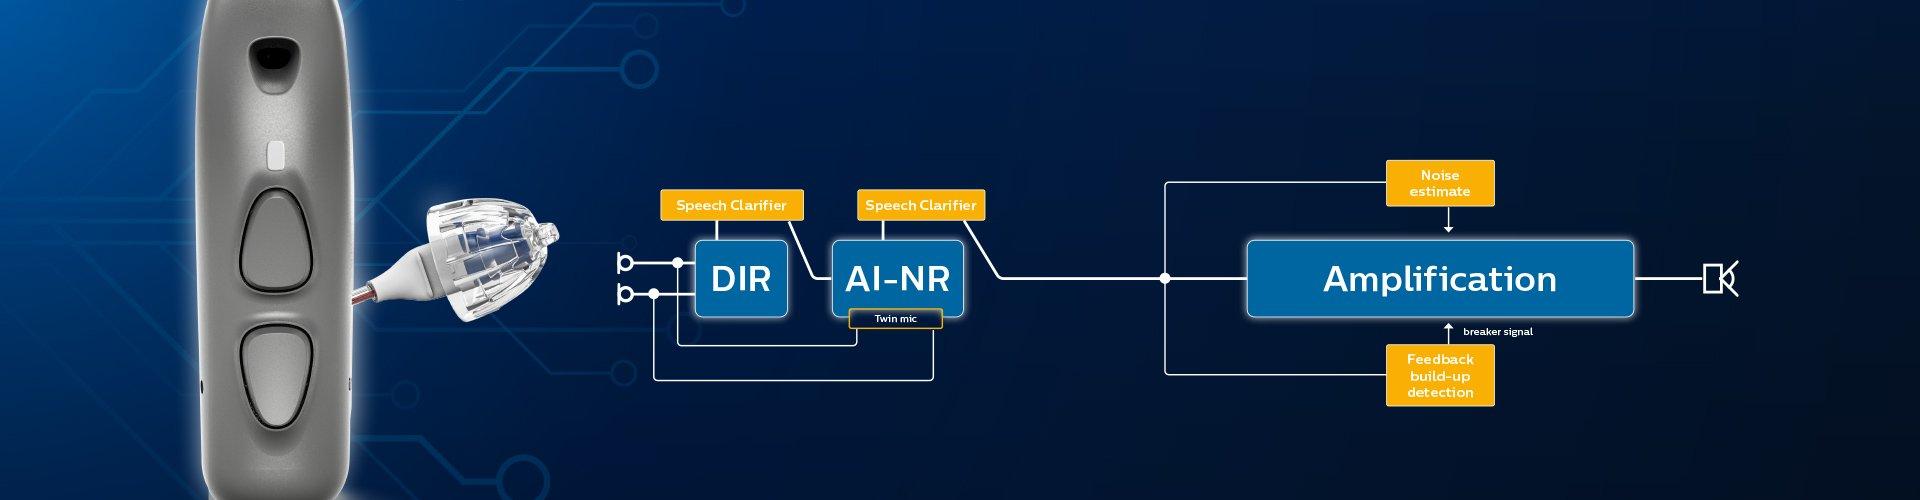 語音地圖2.0概念—採用人工智慧聲音科技的飛利浦HearLink助聽器